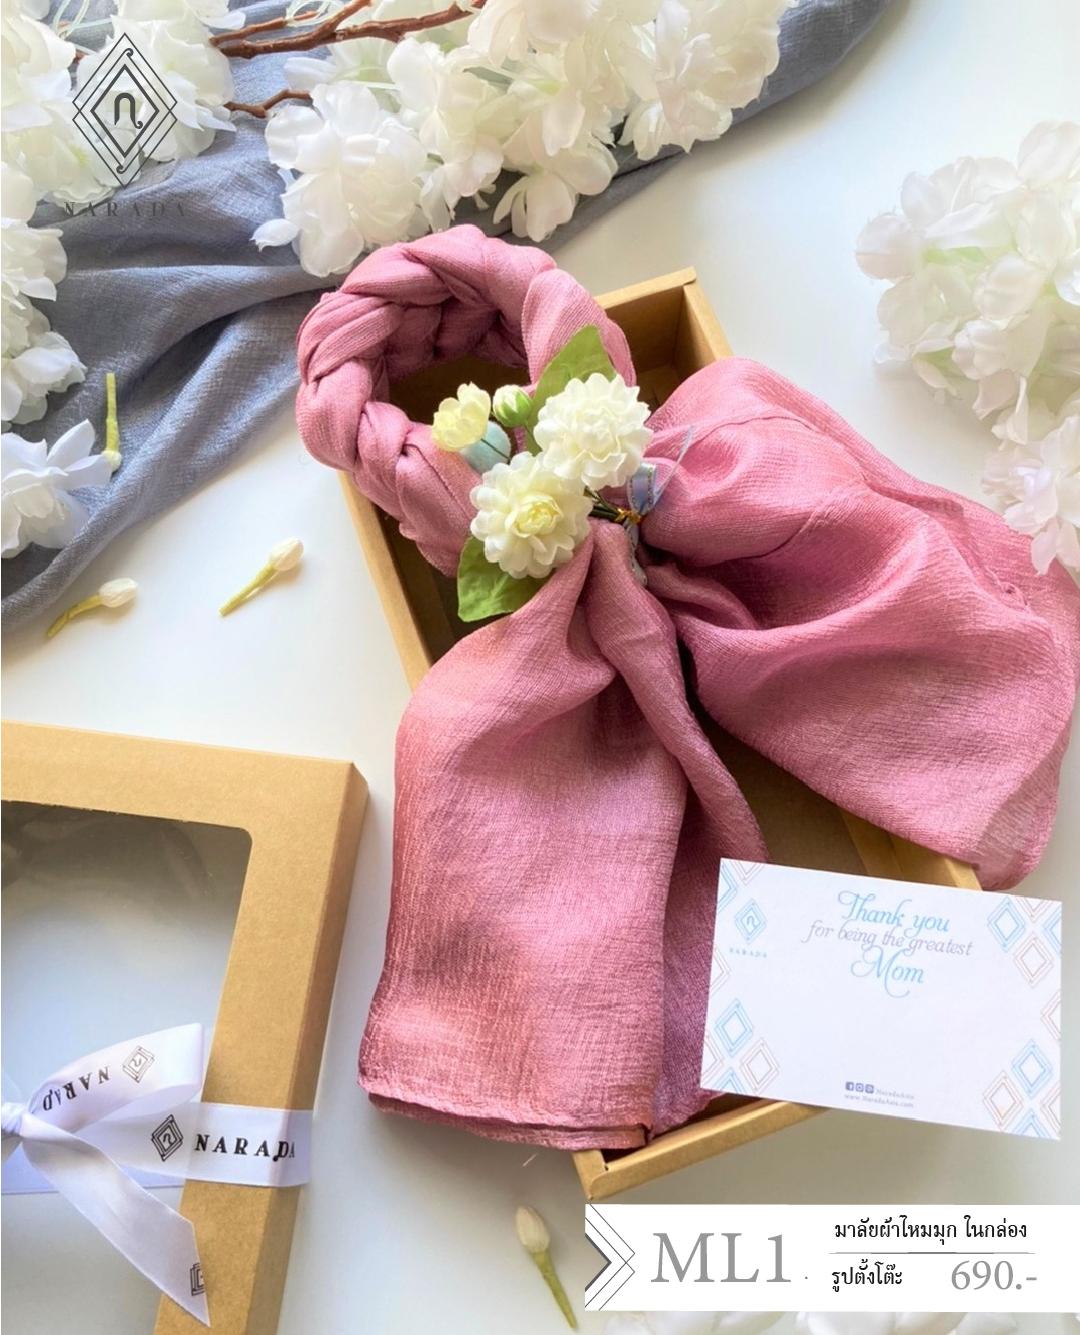 มาลัยผ้าคลุมไหล่ไหมมุก Package ML1